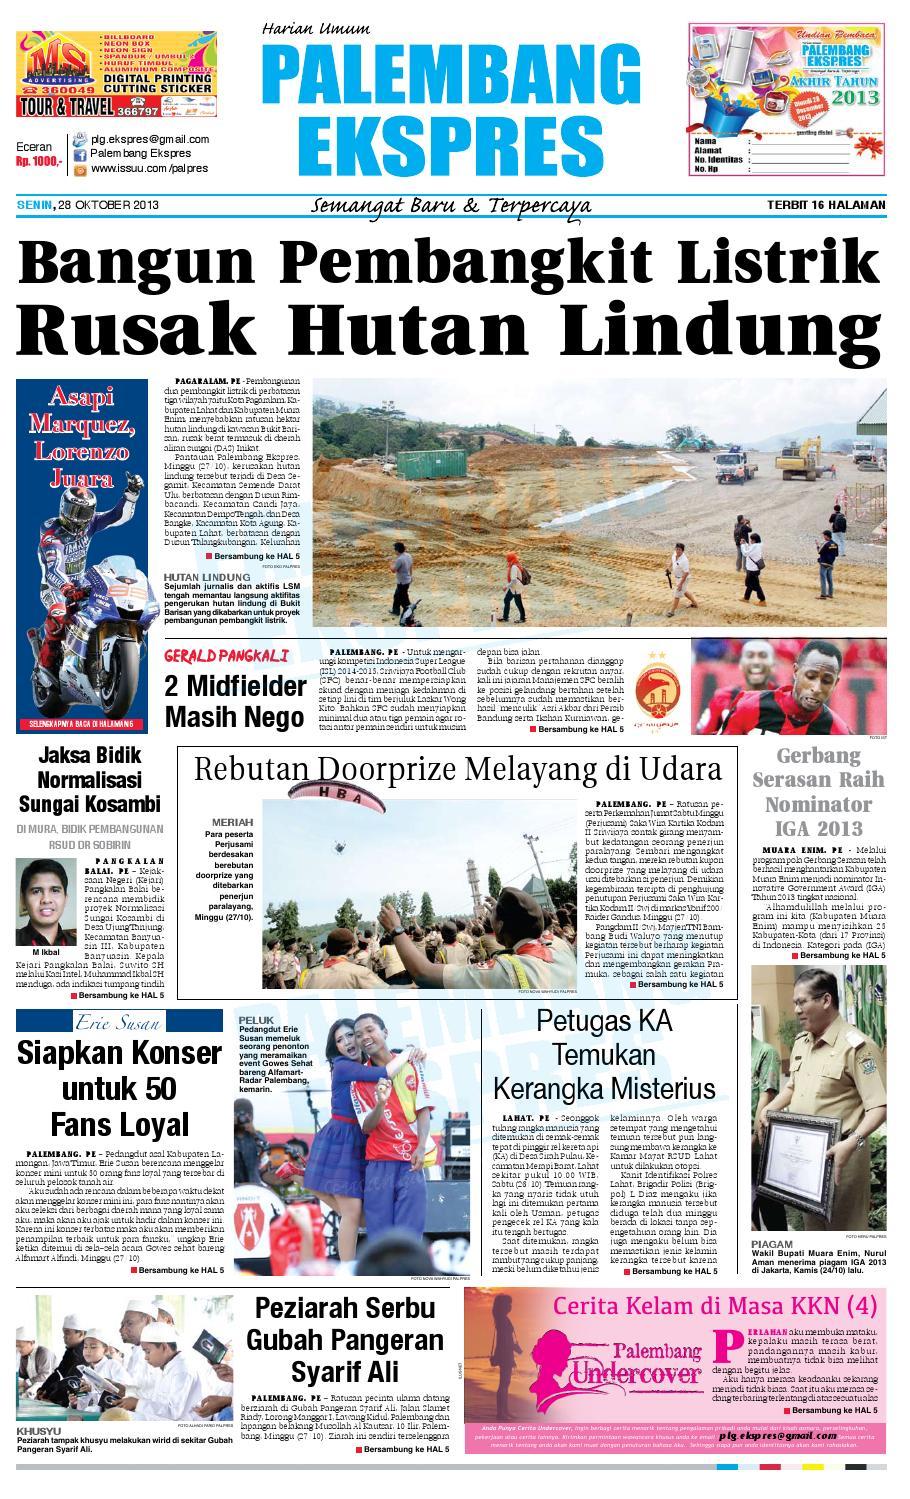 Palembang Ekspres Senin, 28 Oktober 2013 by Palembang